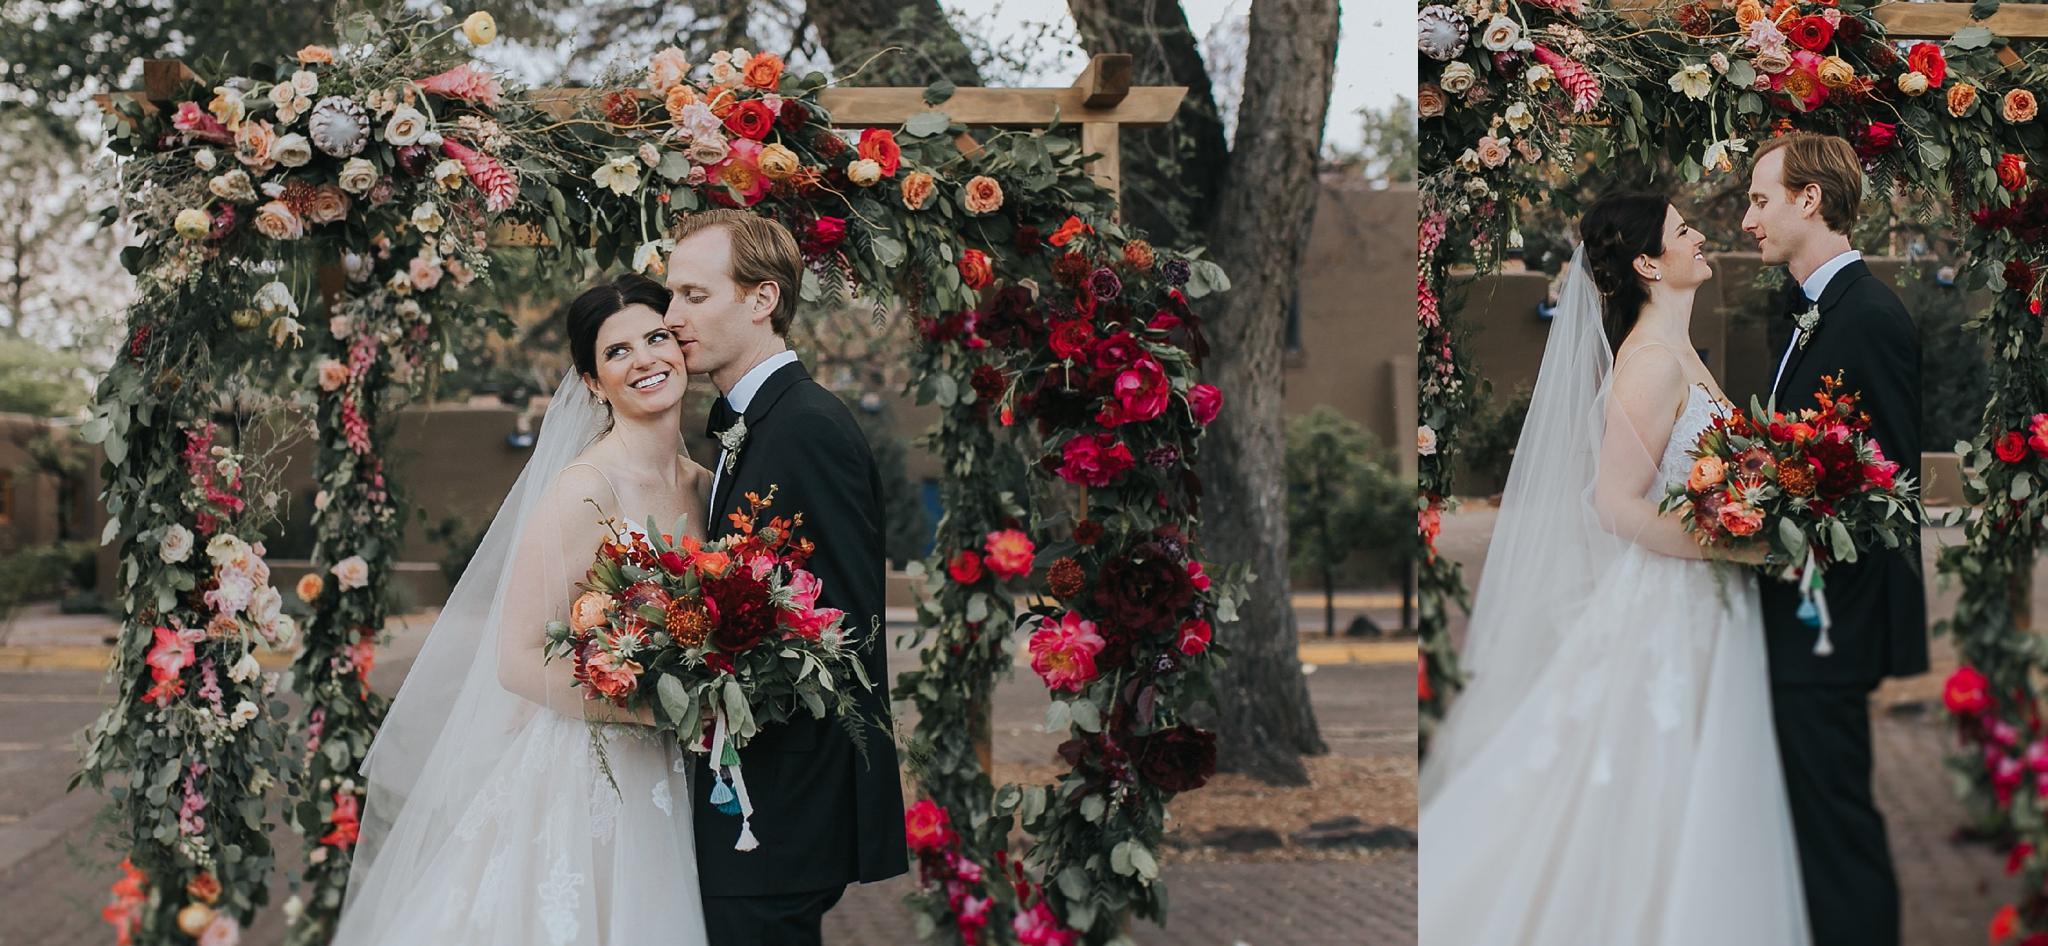 Alicia+lucia+photography+-+albuquerque+wedding+photographer+-+santa+fe+wedding+photography+-+new+mexico+wedding+photographer+-+wedding+ceremony+-+wedding+alter+-+floral+alter_0046.jpg